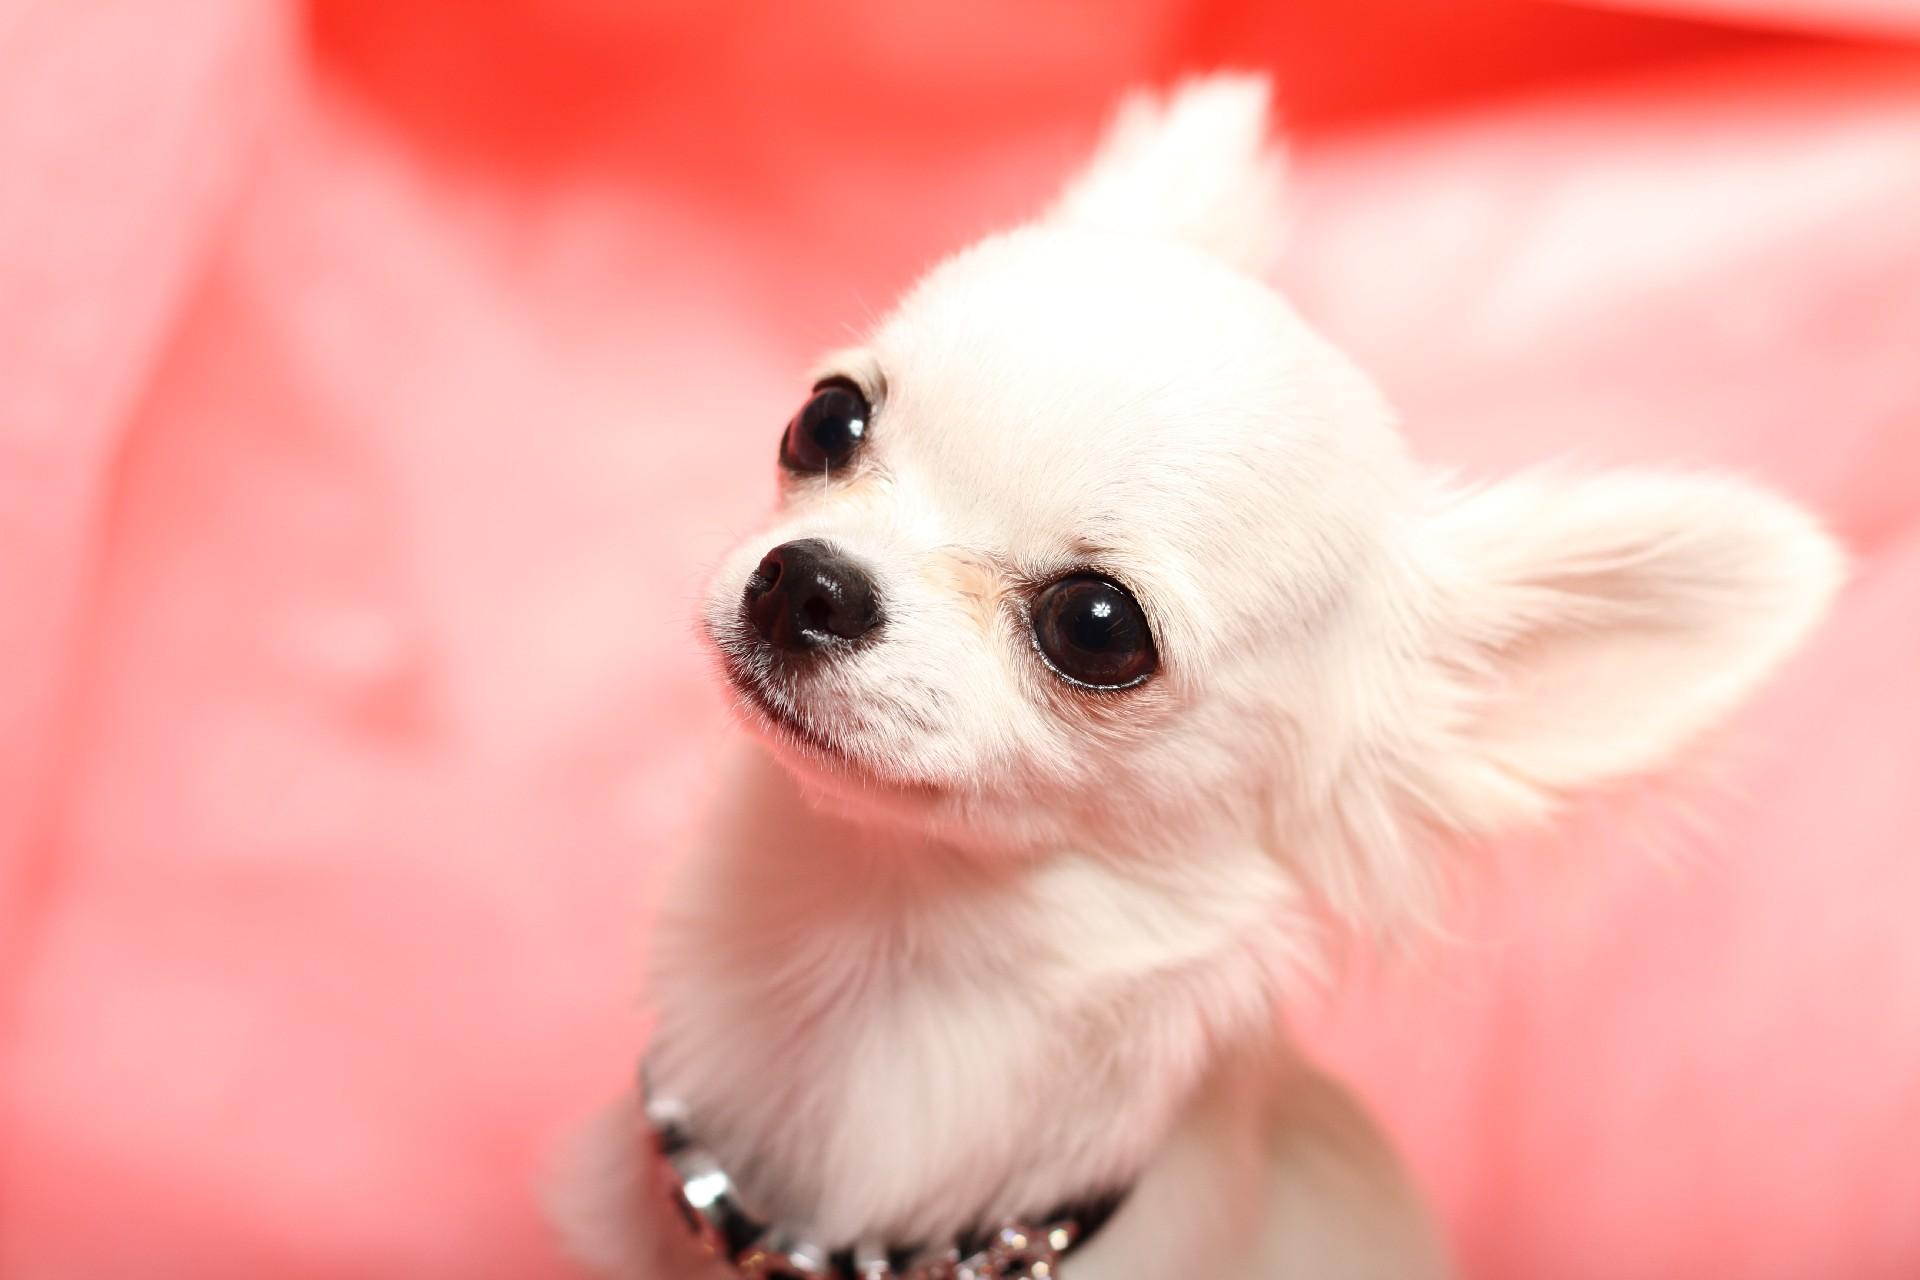 チワワの平均寿命とは?愛犬チワワを長生きさせる方法